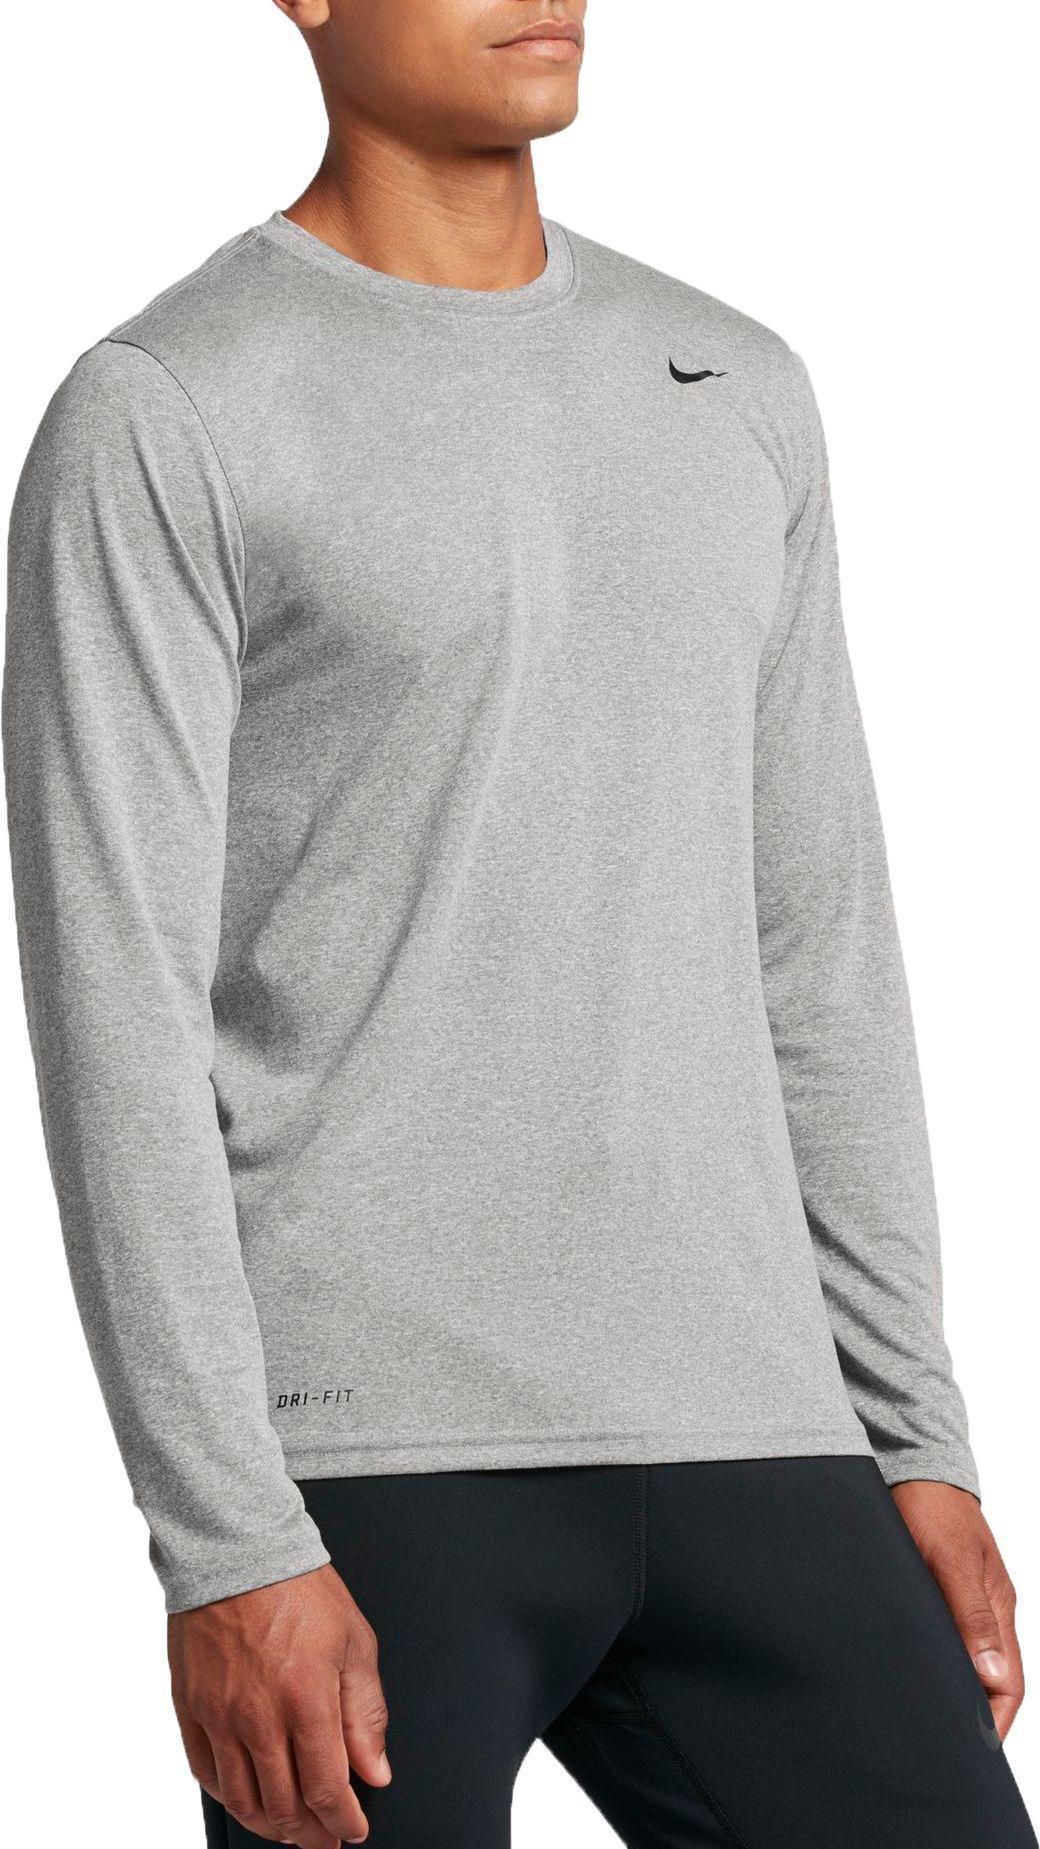 6658bf67 Long Sleeve T Shirts Nike - raveitsafe